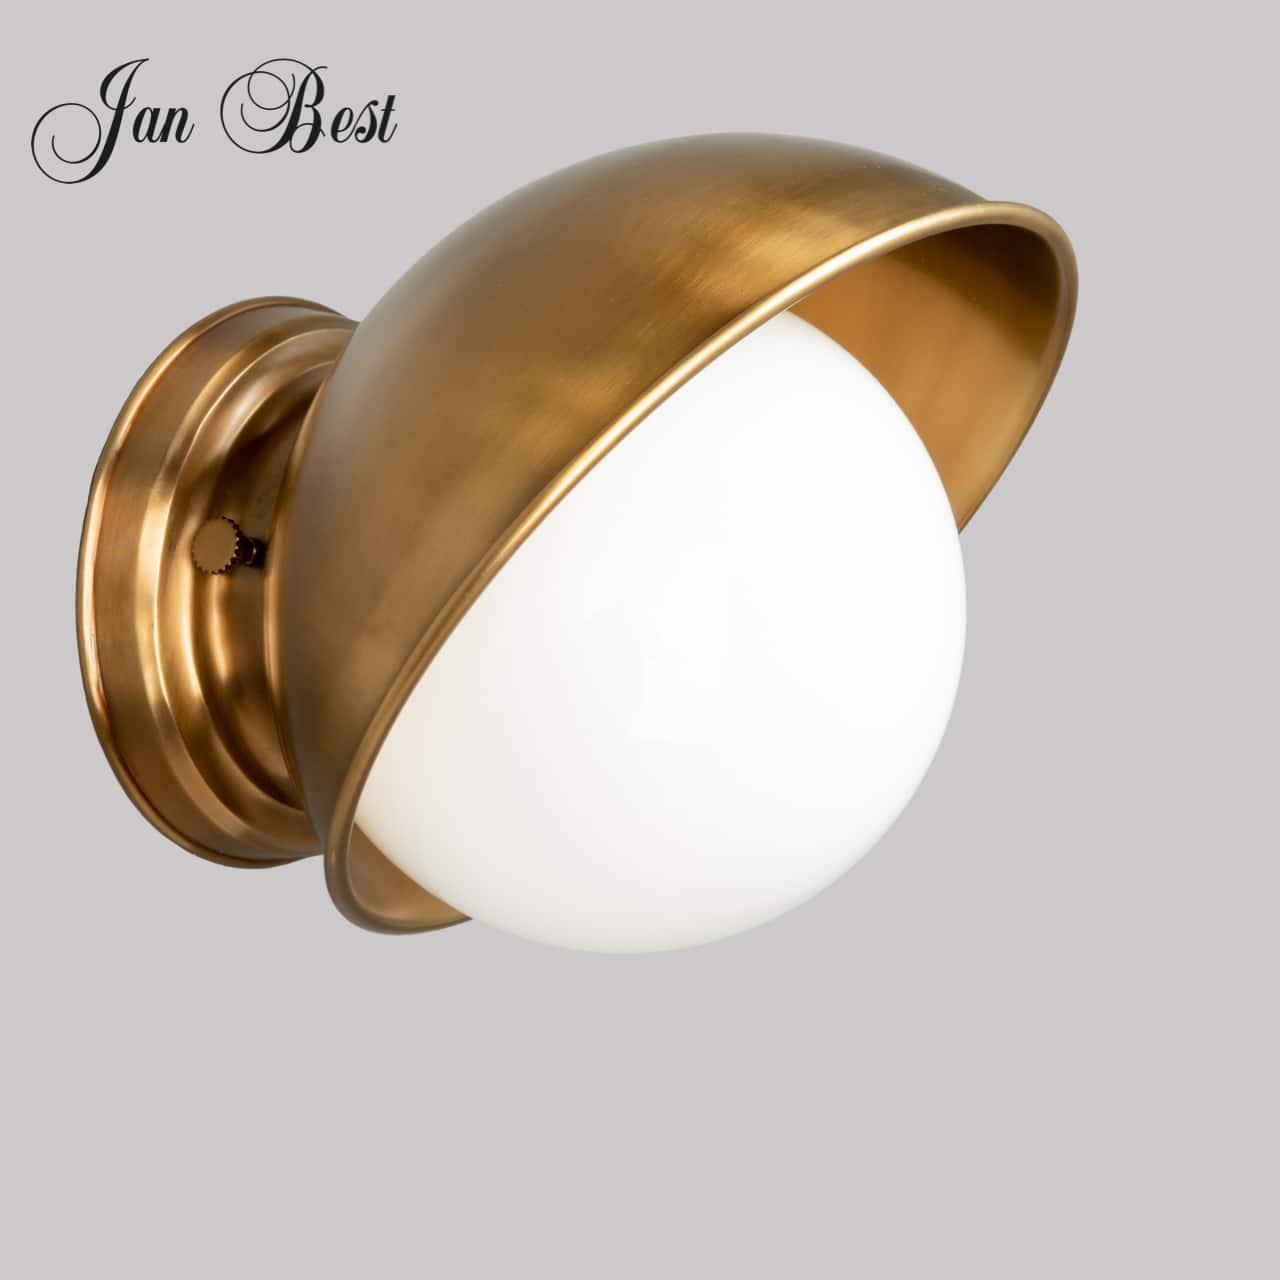 Jan-Best-messing-wandlamp-nostalgische-klassieke-horeca-buiten-verlichting-aalsmeer